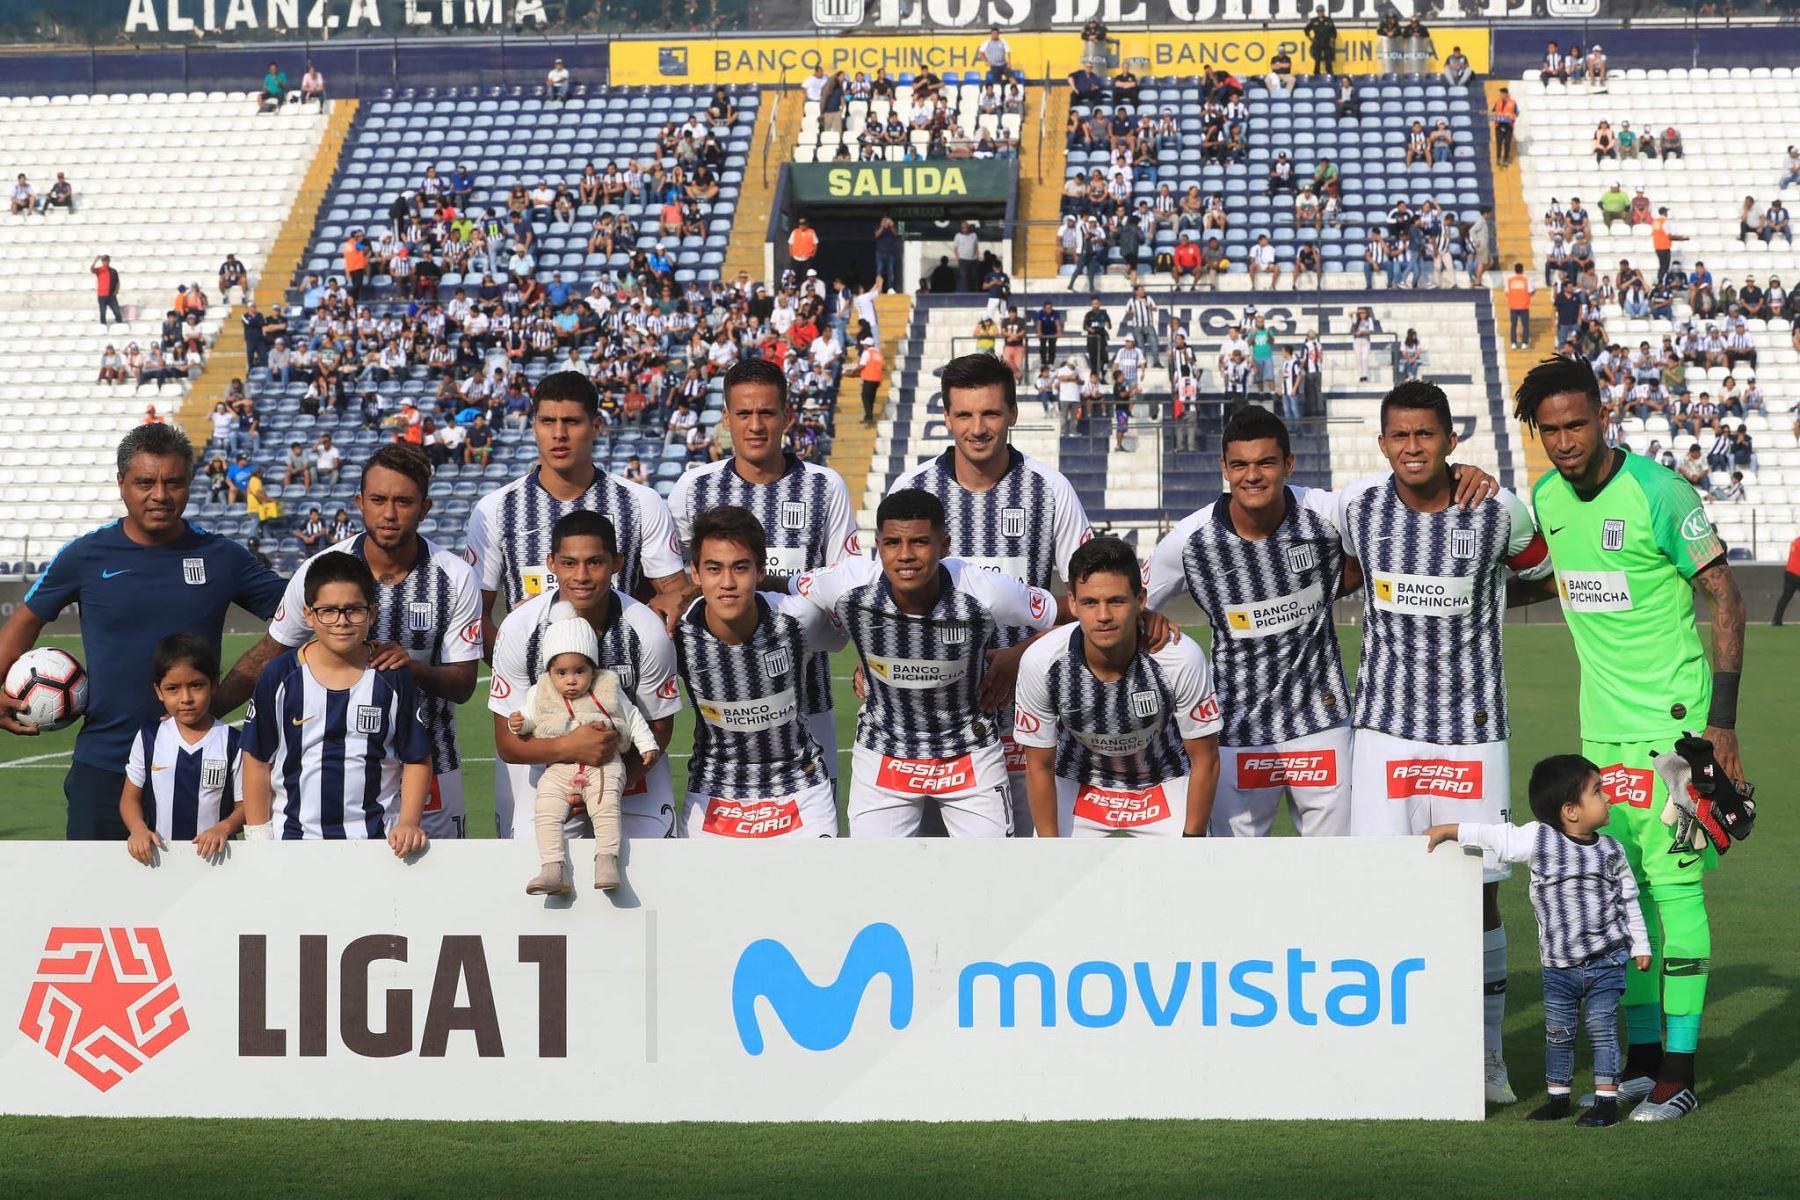 Equipo oficial de Alianza Lima se presenta en el estadio Alejandro Villanueva. Foto: ANDINA/Juan Carlos Guzmán